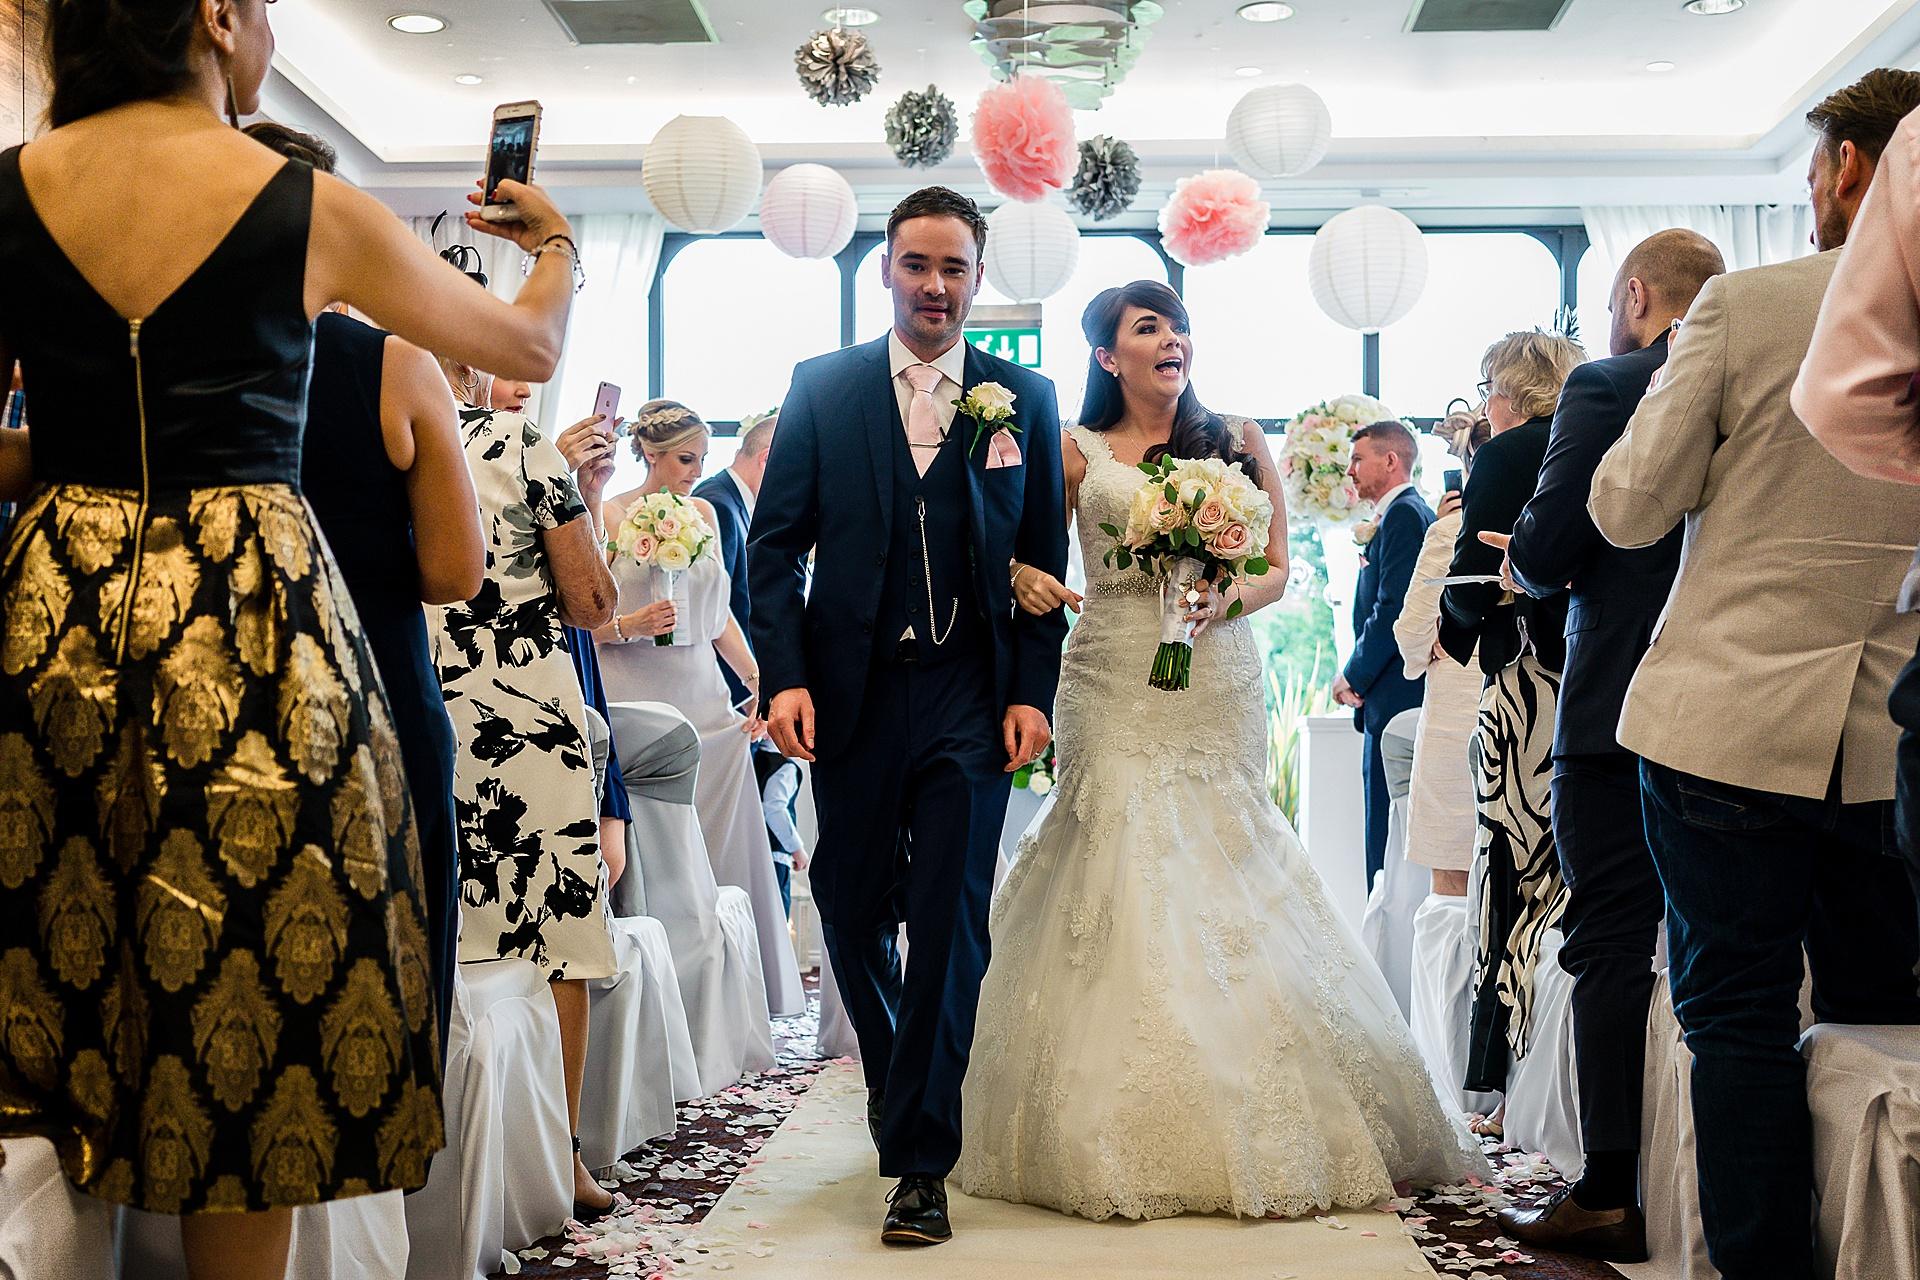 brid ean groom leaving ceremony